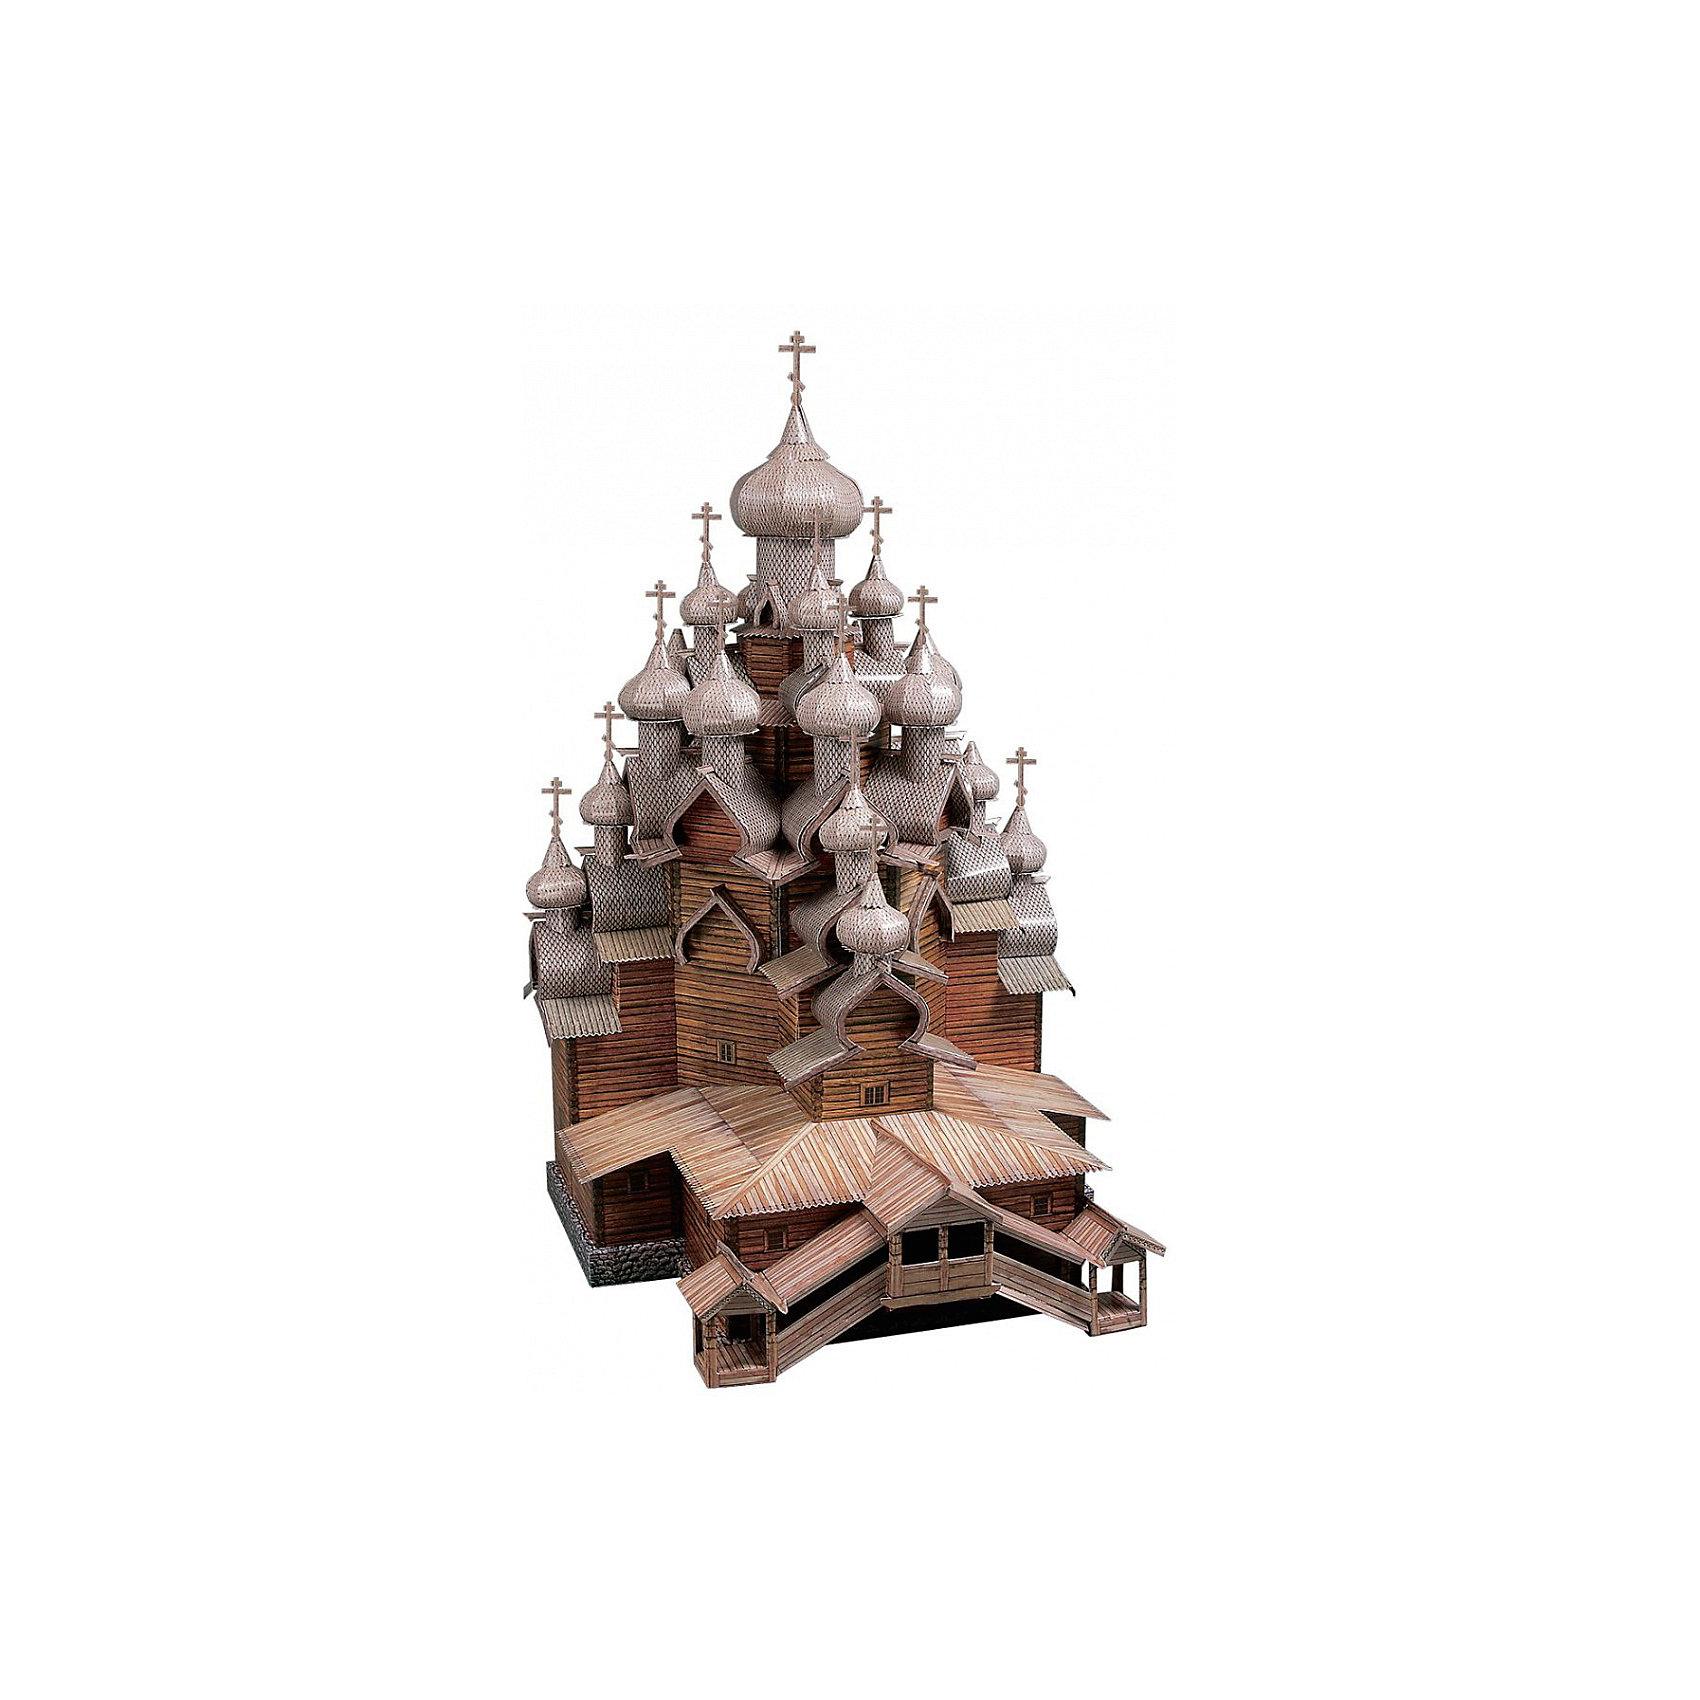 Сборная модель Церковь Преображения ГосподняМодели из картона и бумаги<br>Церковь Преображения Господня - cборная модель из картона. Серия: Масштабные модели. Количество деталей, шт: 210. Размер в собранном виде, см: 34 х 38 х 25. Размер упаковки, мм.:  высота 368 ширина 252 глубина 23. Тип упаковки: Картонная коробка. Вес, гр.: 456. Возраст: от 12 лет. Все модели и игрушки, созданные по технологии УМНАЯ БУМАГА собираются без ножниц и клея, что является их неповторимой особенностью.<br>Принцип соединения деталей запатентован. Соединения деталей продуманы и просчитаны с такой точностью, что при правильной сборке с моделью можно играть, как с обычной игрушкой.<br><br>Ширина мм: 252<br>Глубина мм: 23<br>Высота мм: 368<br>Вес г: 456<br>Возраст от месяцев: 144<br>Возраст до месяцев: 2147483647<br>Пол: Унисекс<br>Возраст: Детский<br>SKU: 4807399